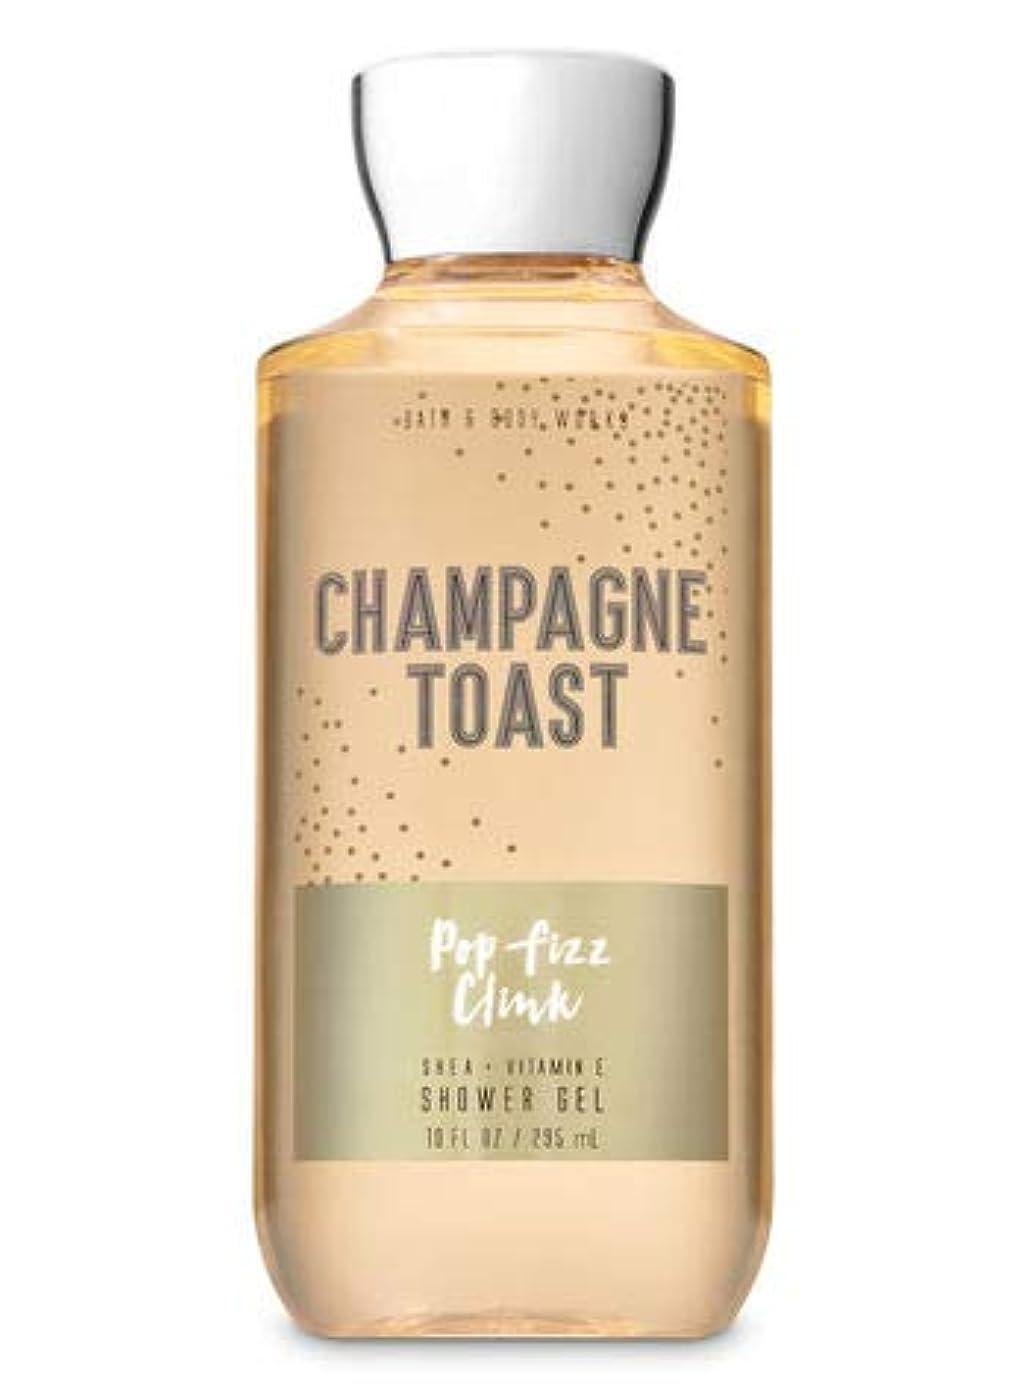 登山家続ける内部【Bath&Body Works/バス&ボディワークス】 シャワージェル シャンパントースト Shower Gel Champagne Toast 10 fl oz / 295 mL [並行輸入品]